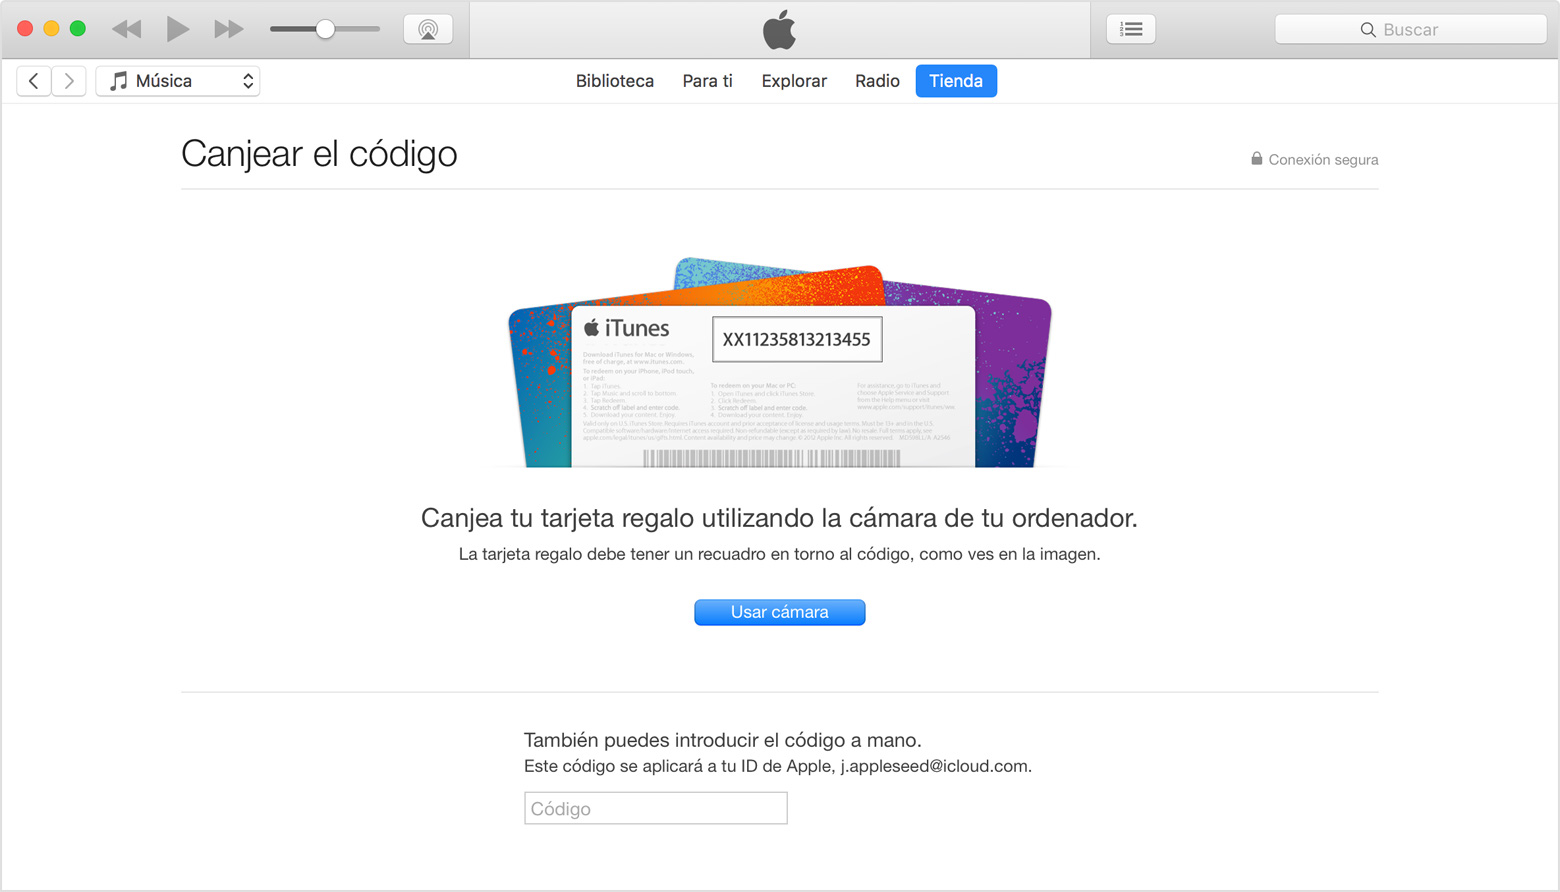 Tarjeta Regalo Apple Codigos